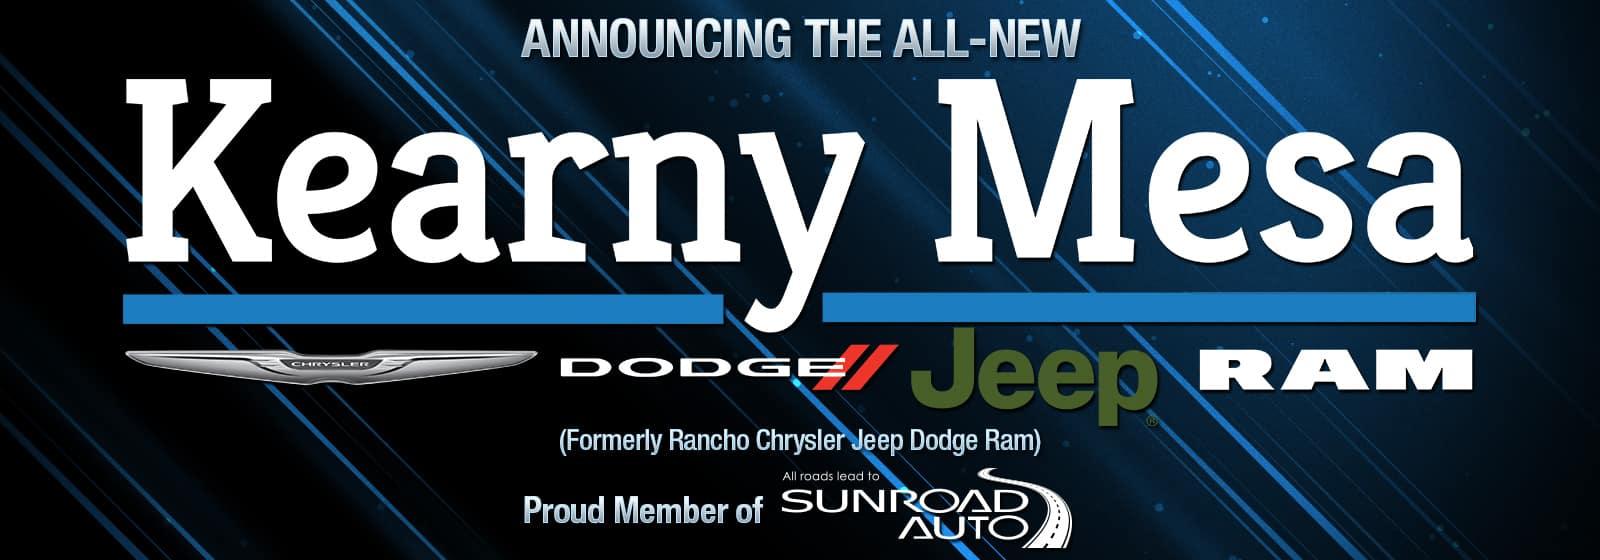 Chrysler Dealer Connect >> Kearny Mesa Chrysler Dodge Jeep Ram New Used Cars Dealer